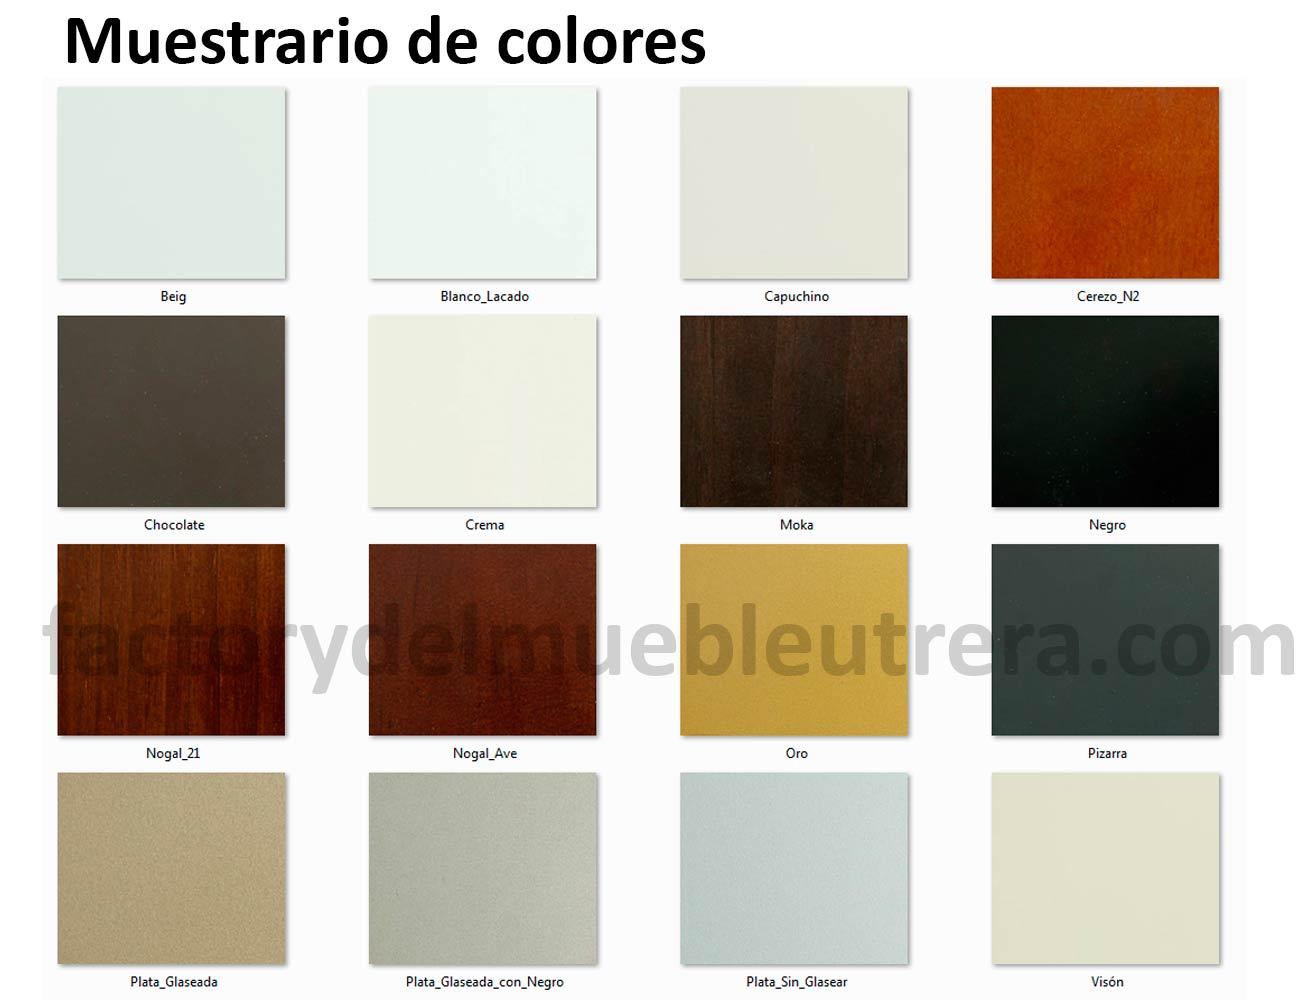 Colores web nueva19